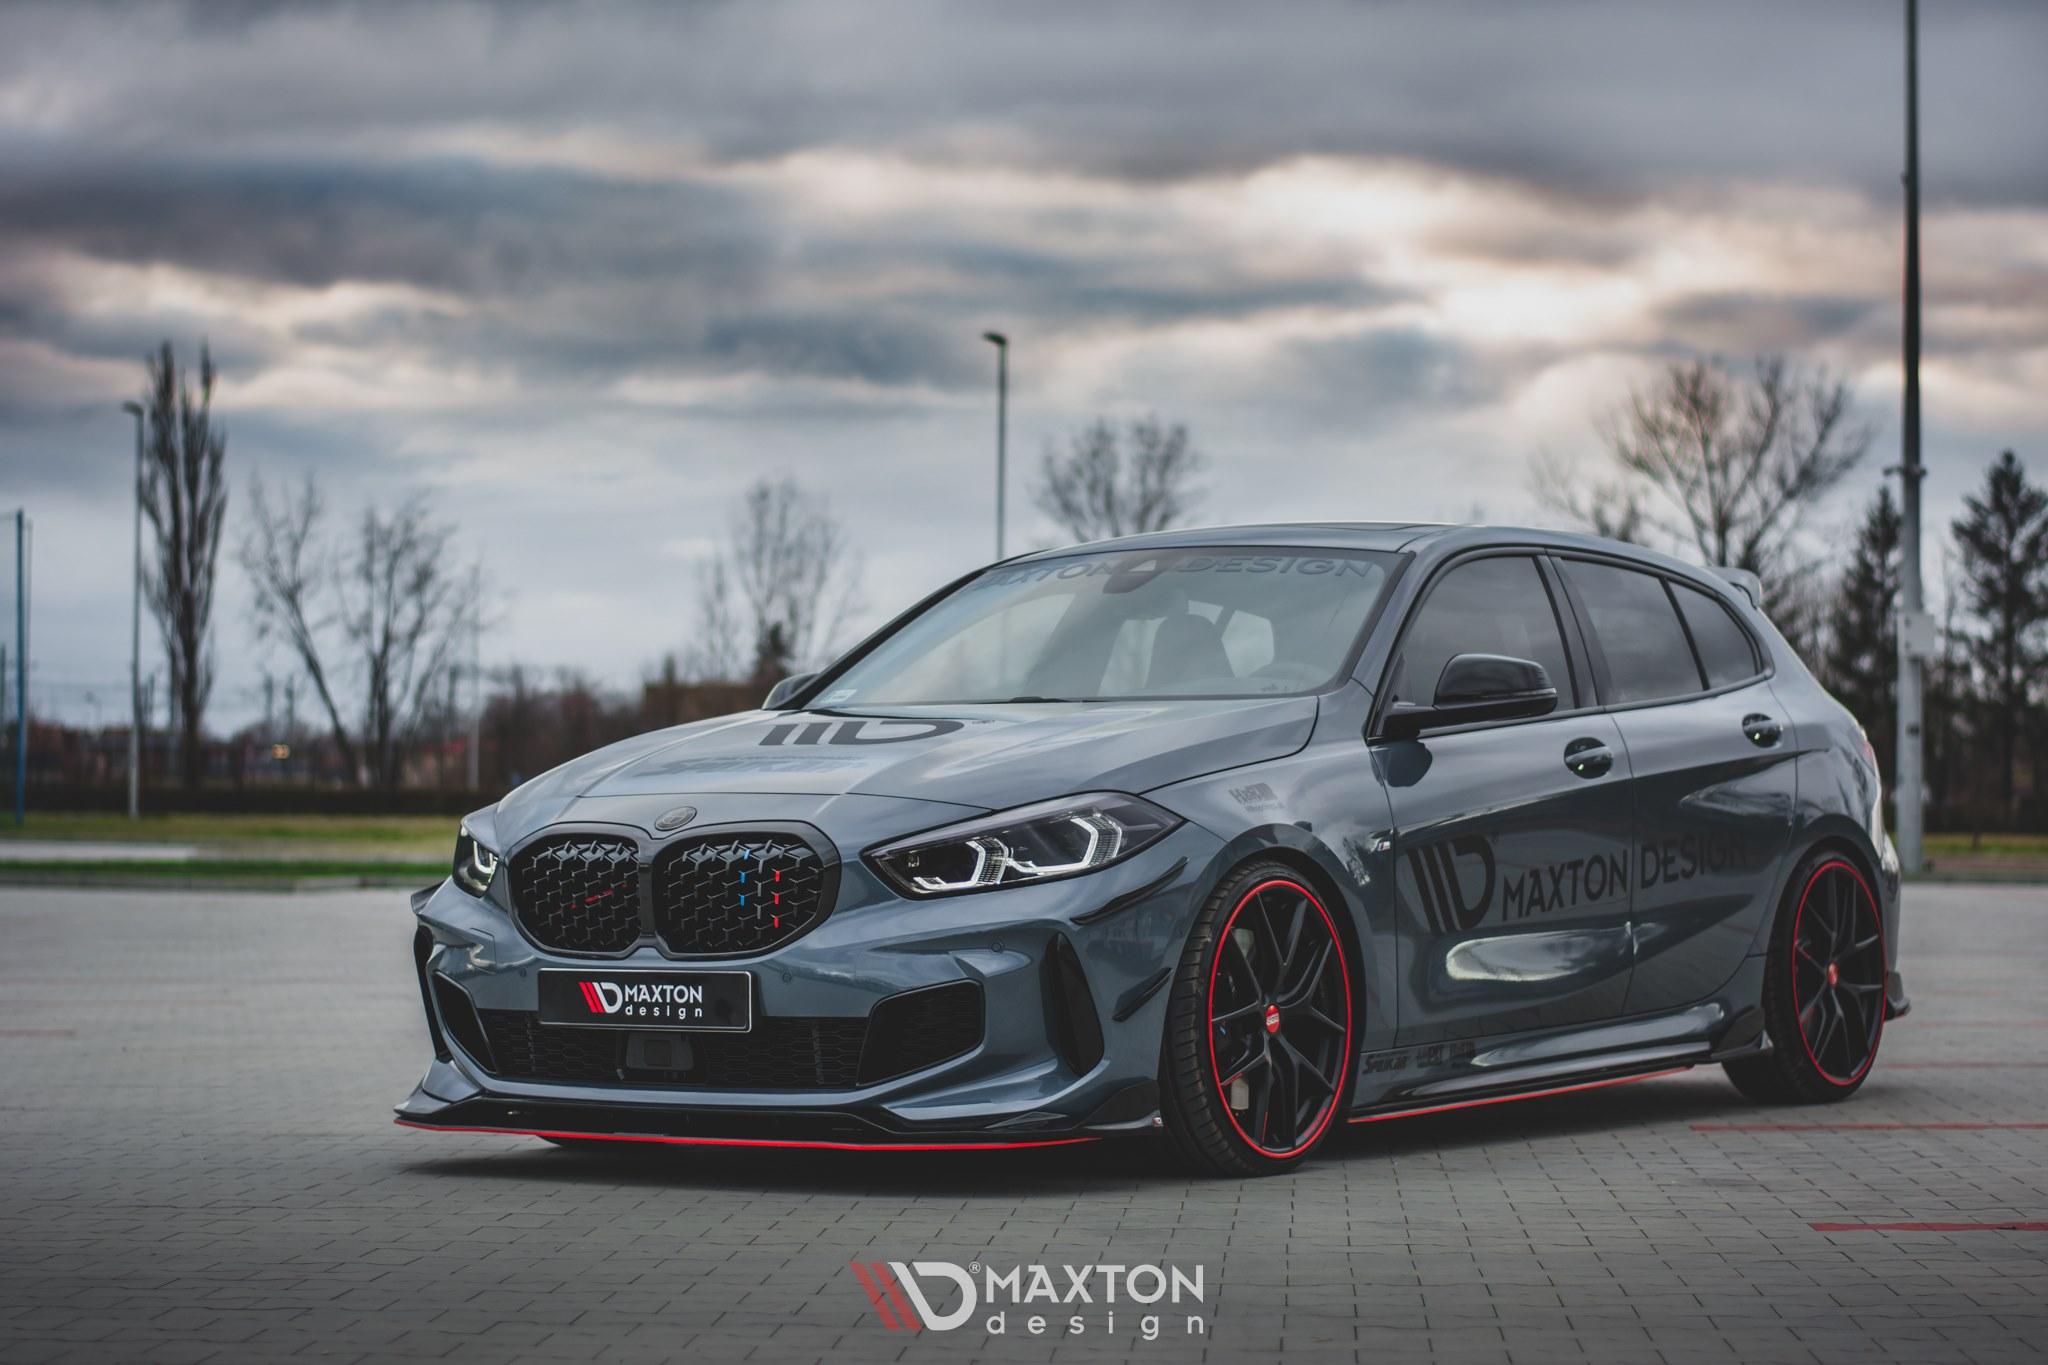 BMW-M135i-by-Maxton-Design-4